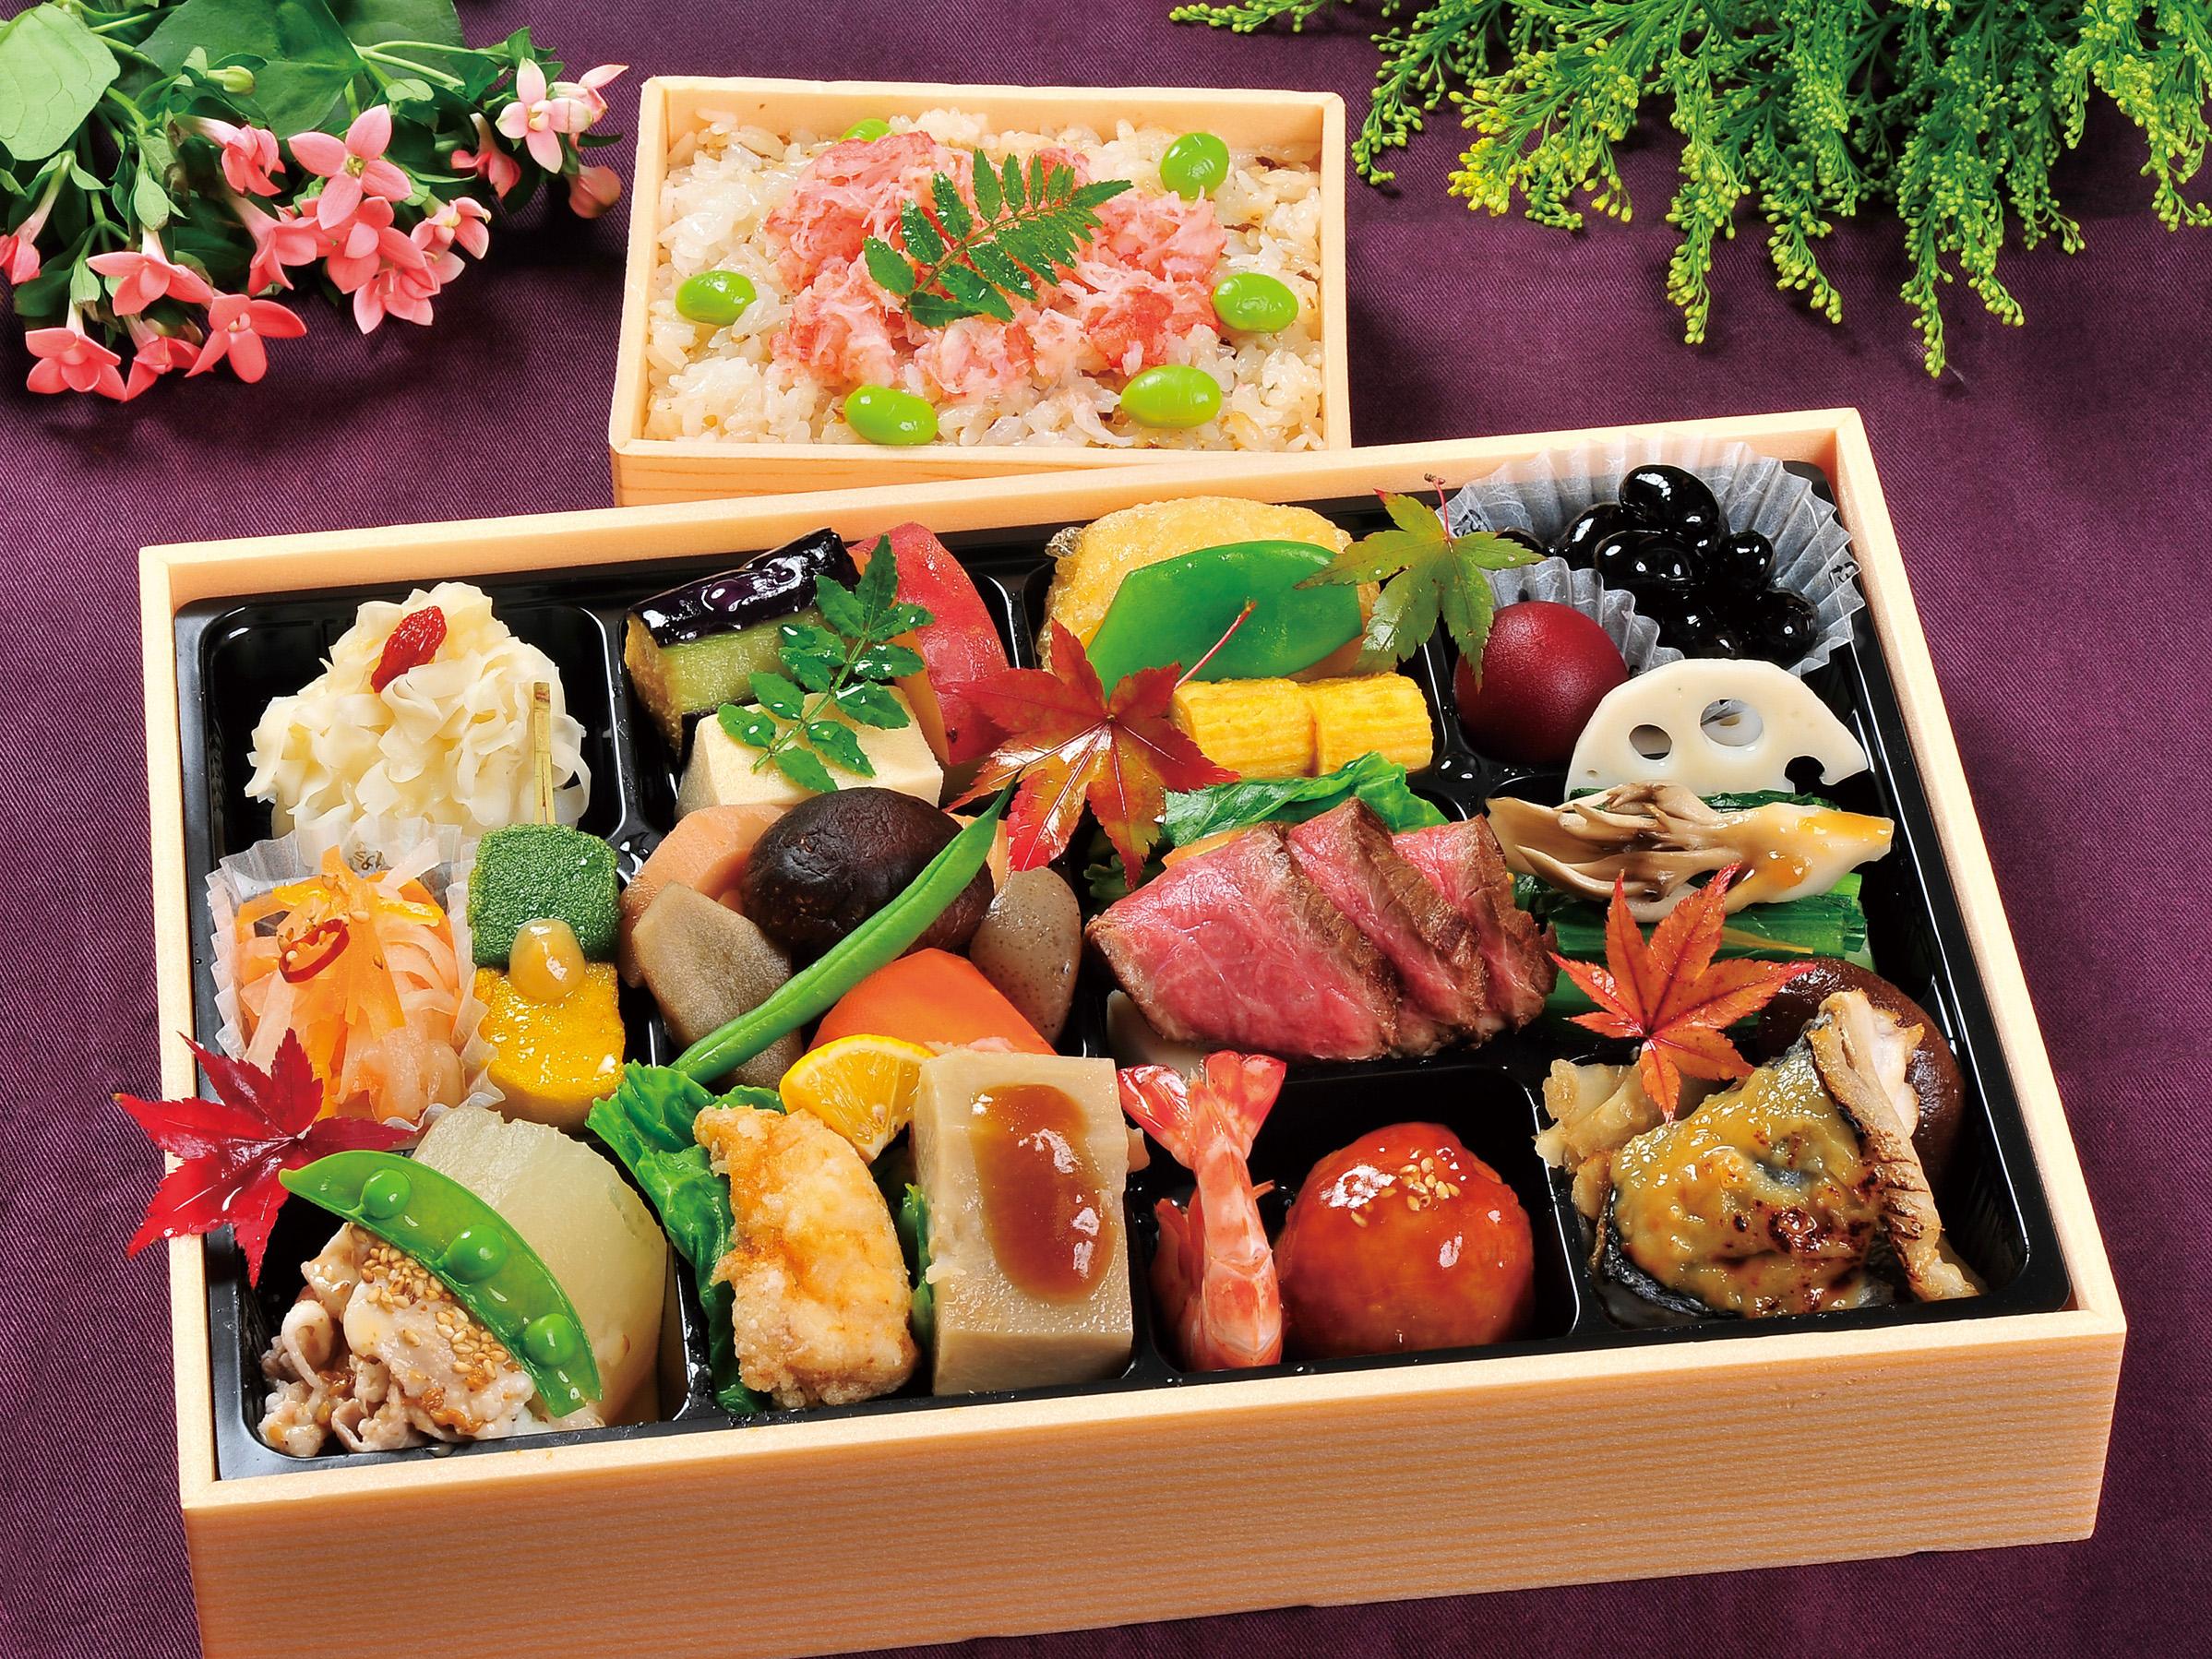 2021年 春めき【harumeki】おひとり様盛オードブル 季節ご飯付き(蟹と春野菜のちらし寿し)